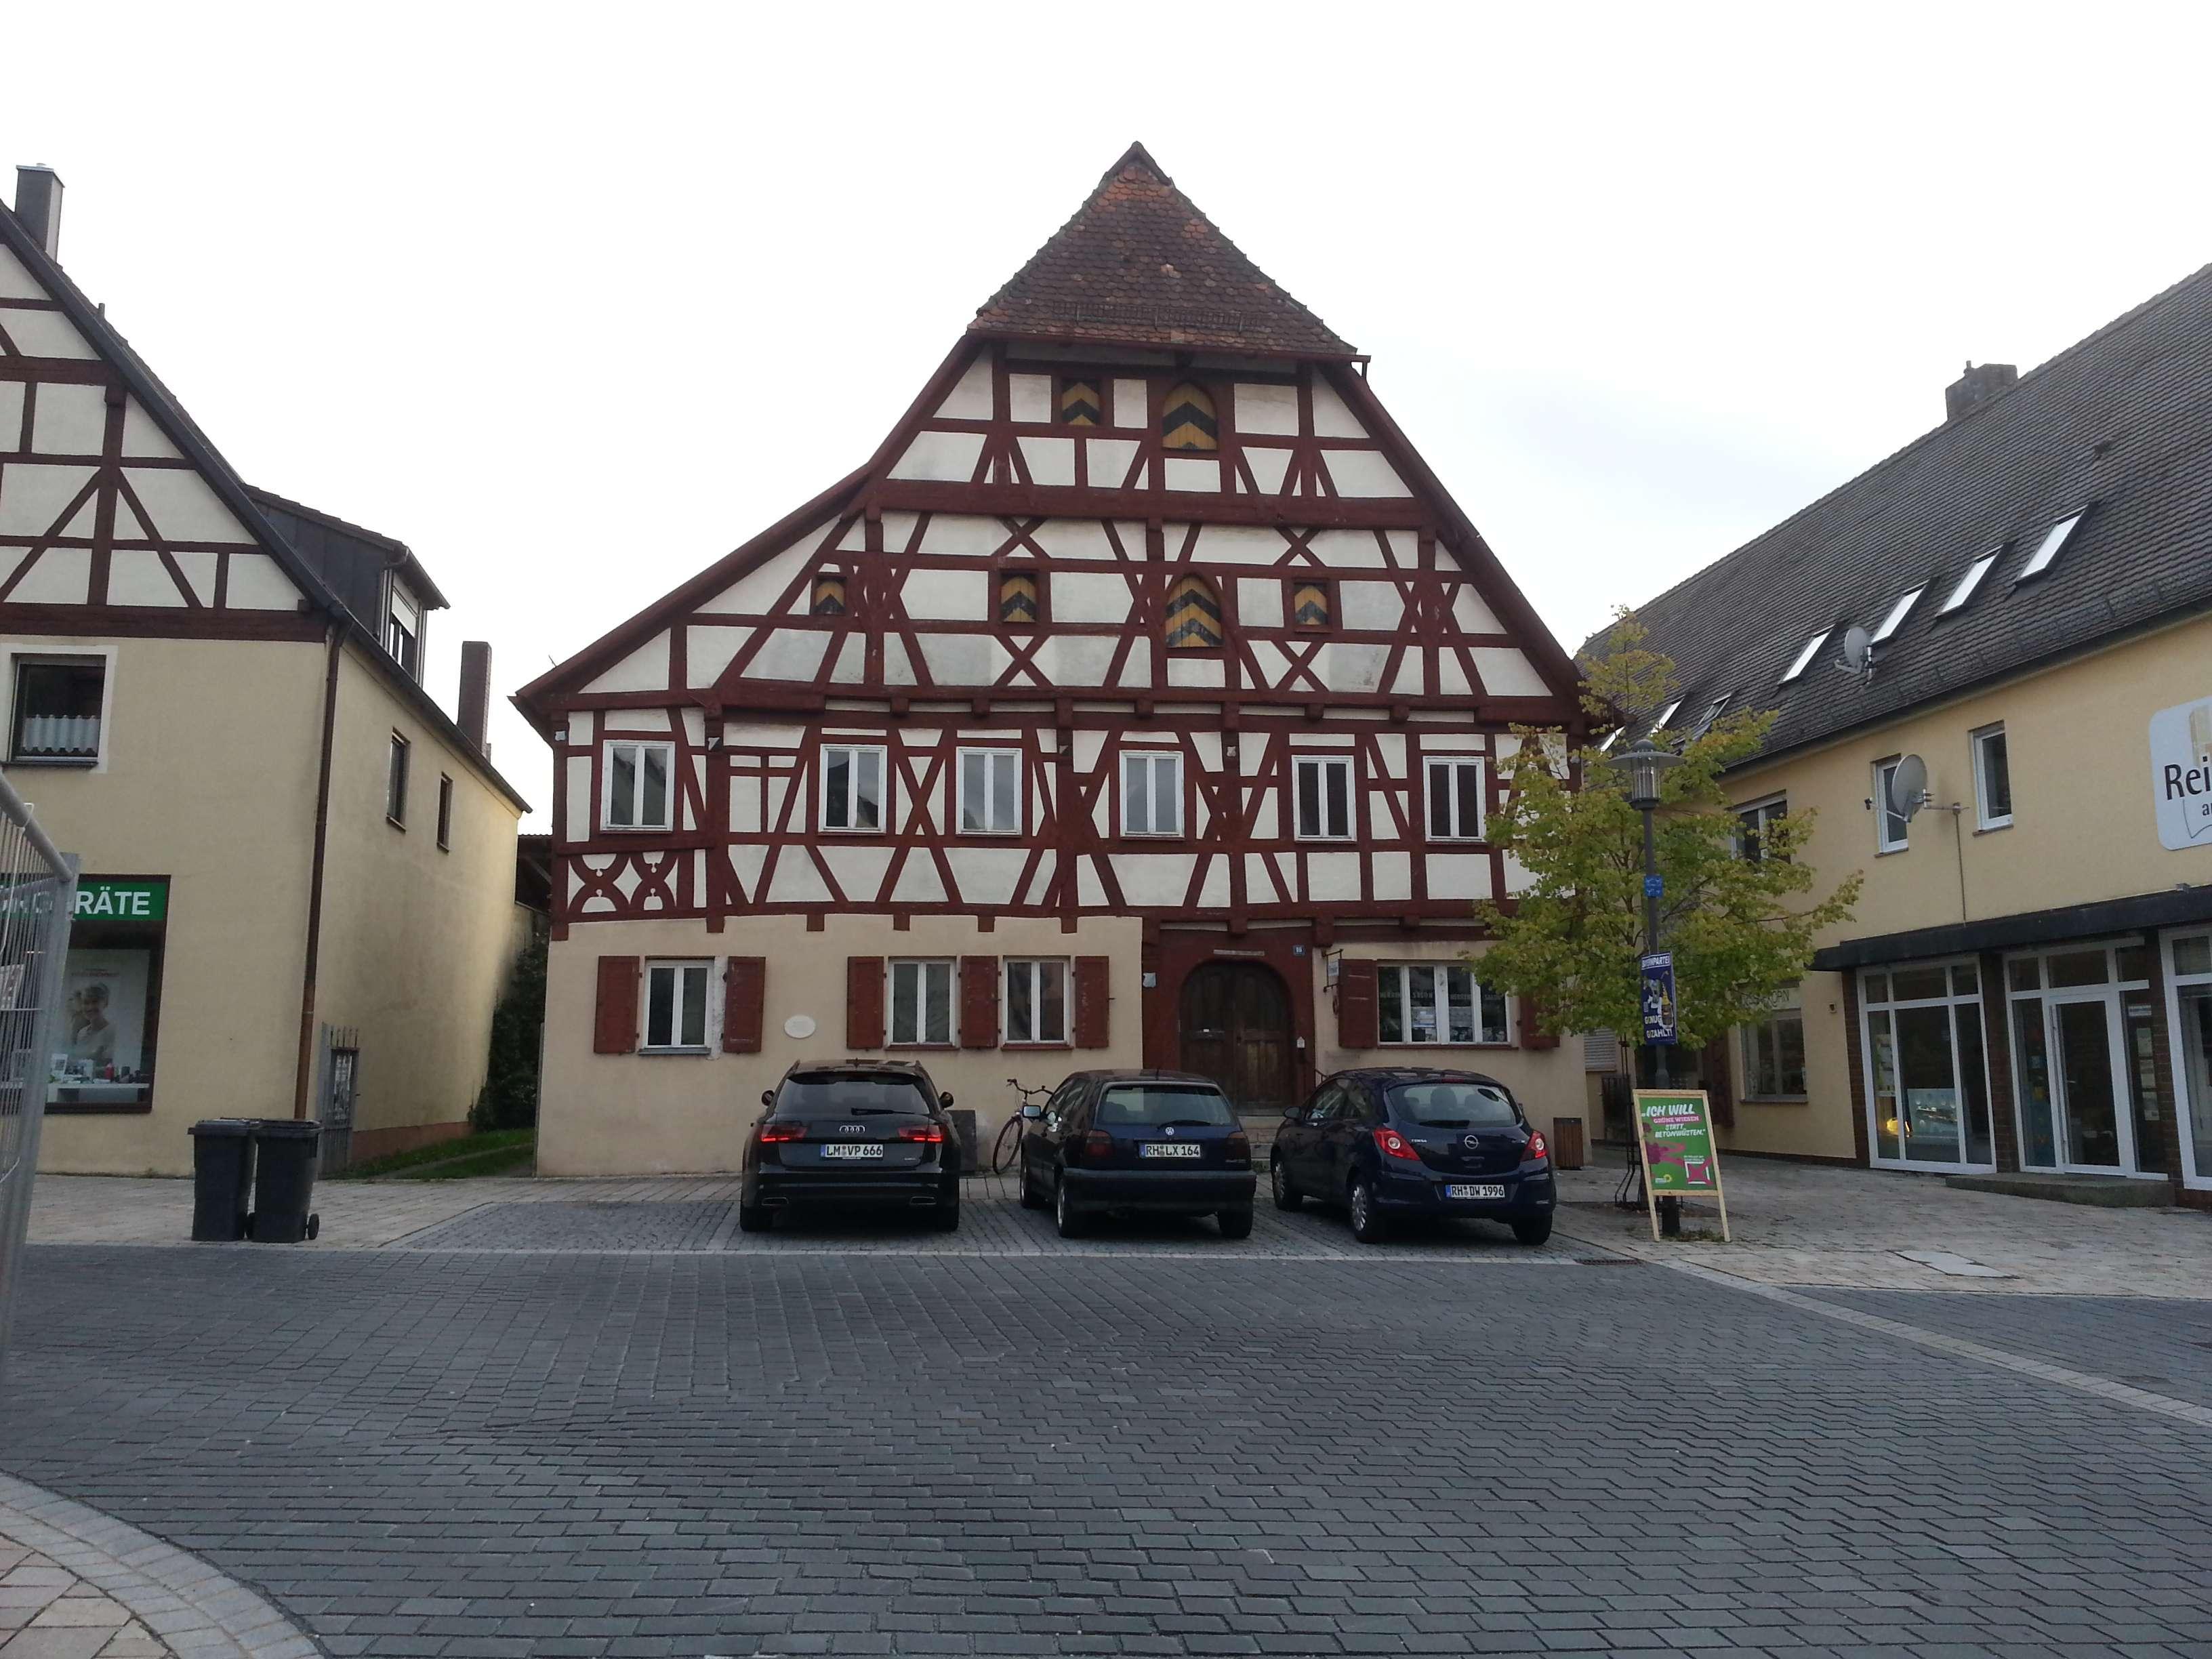 Büro o.ä. in der Historische Bohlen-Balken-Stube eines Baudenkmales in